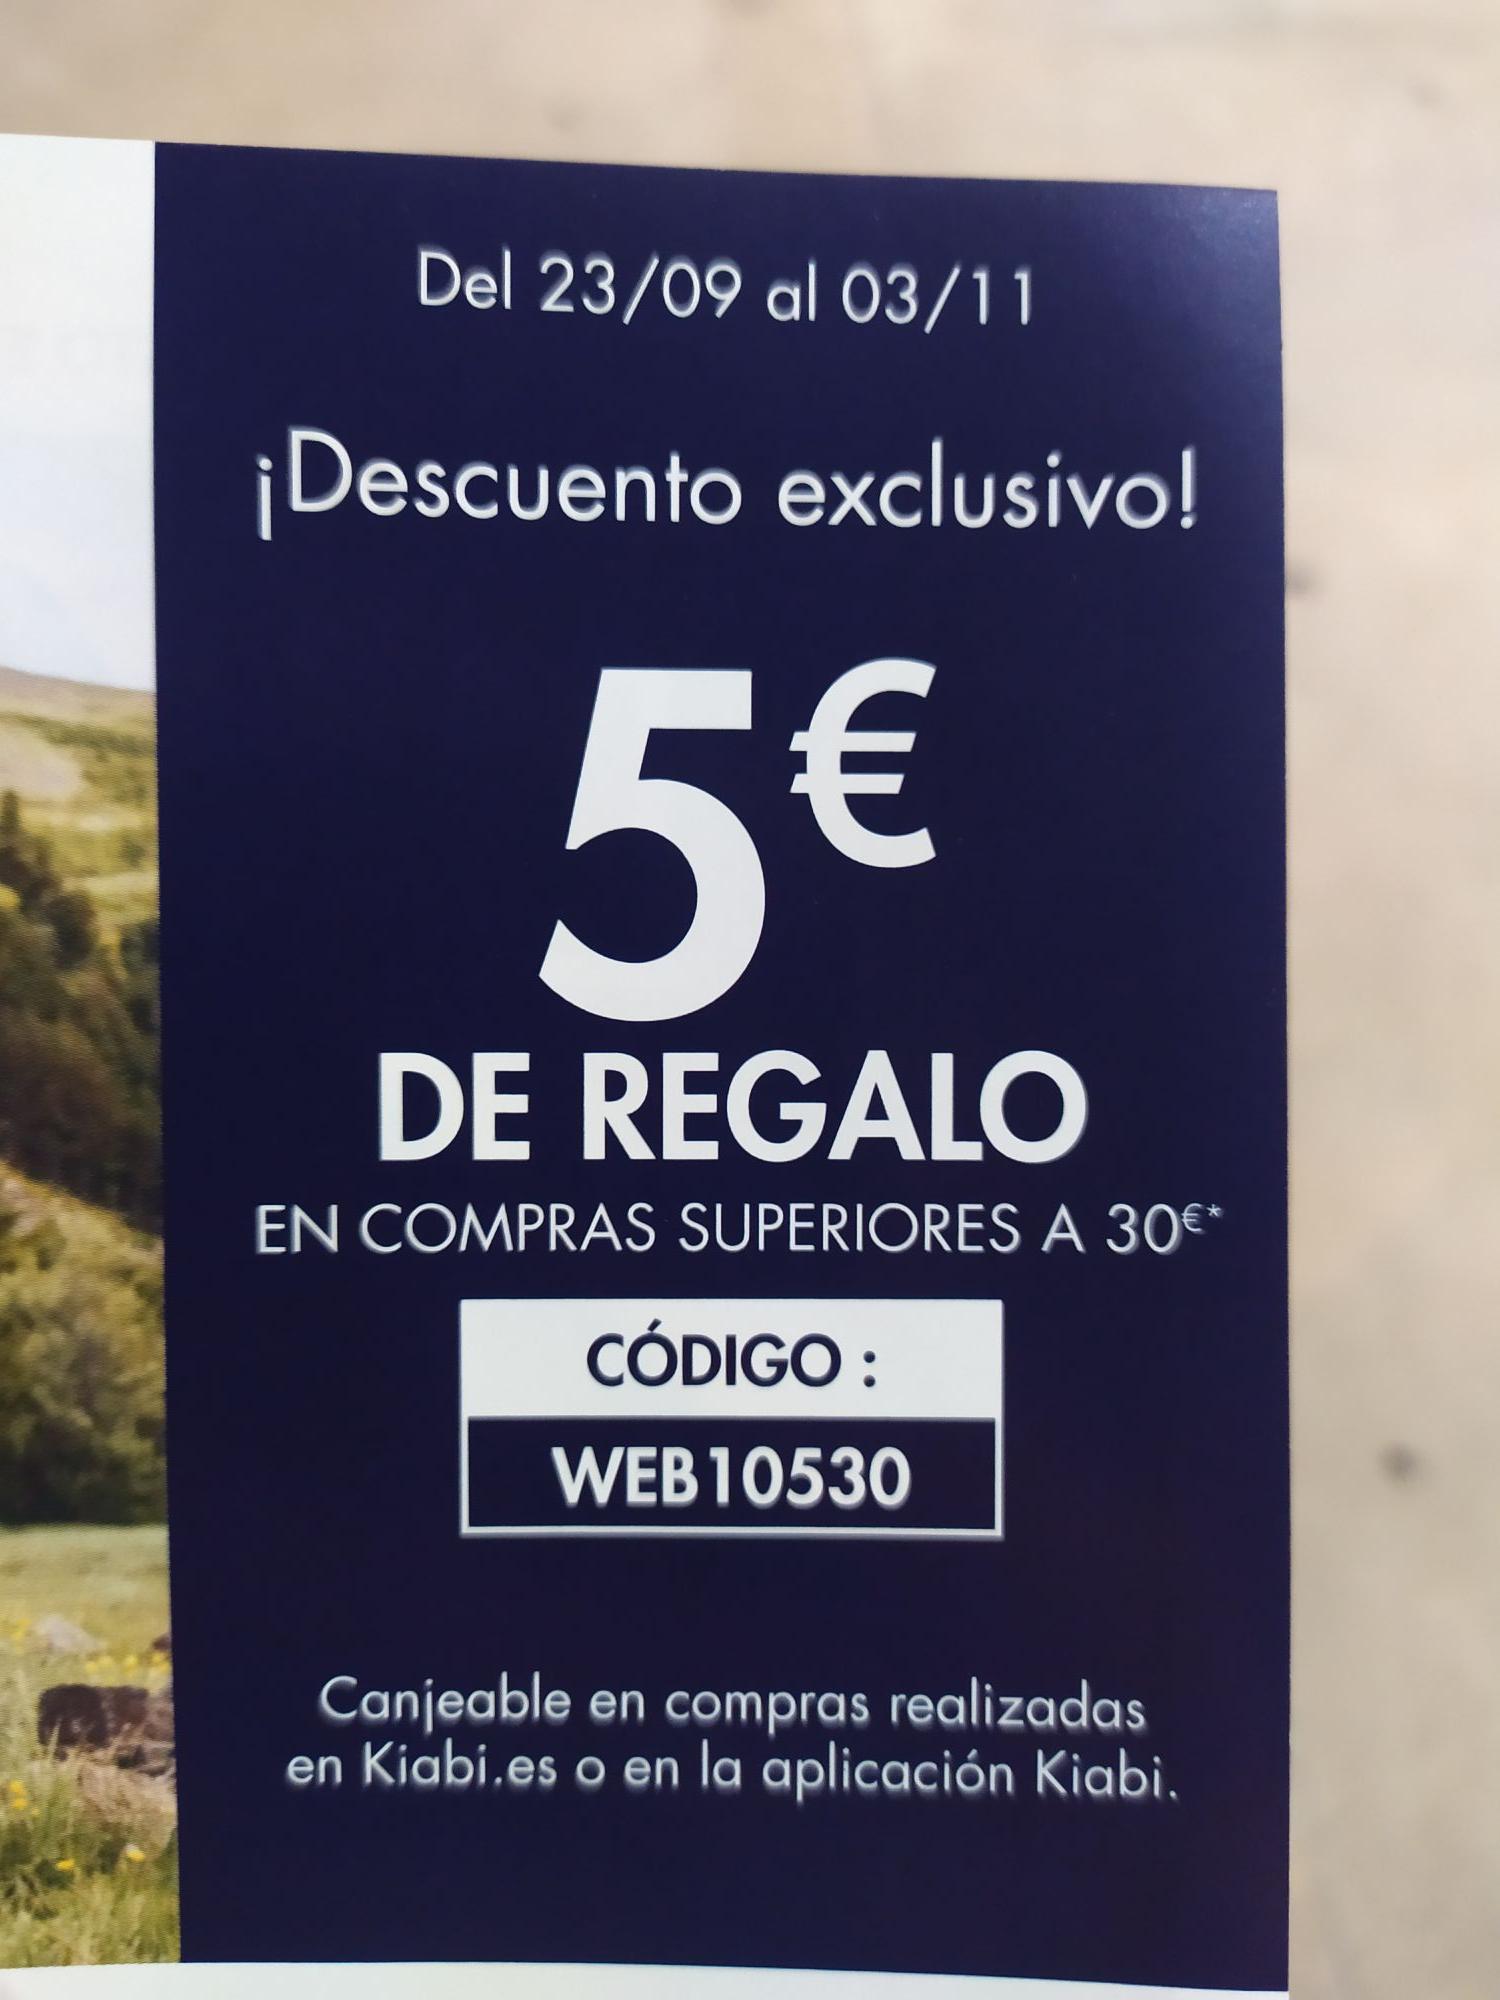 5€ gratis de descuento, mínima compra 30€